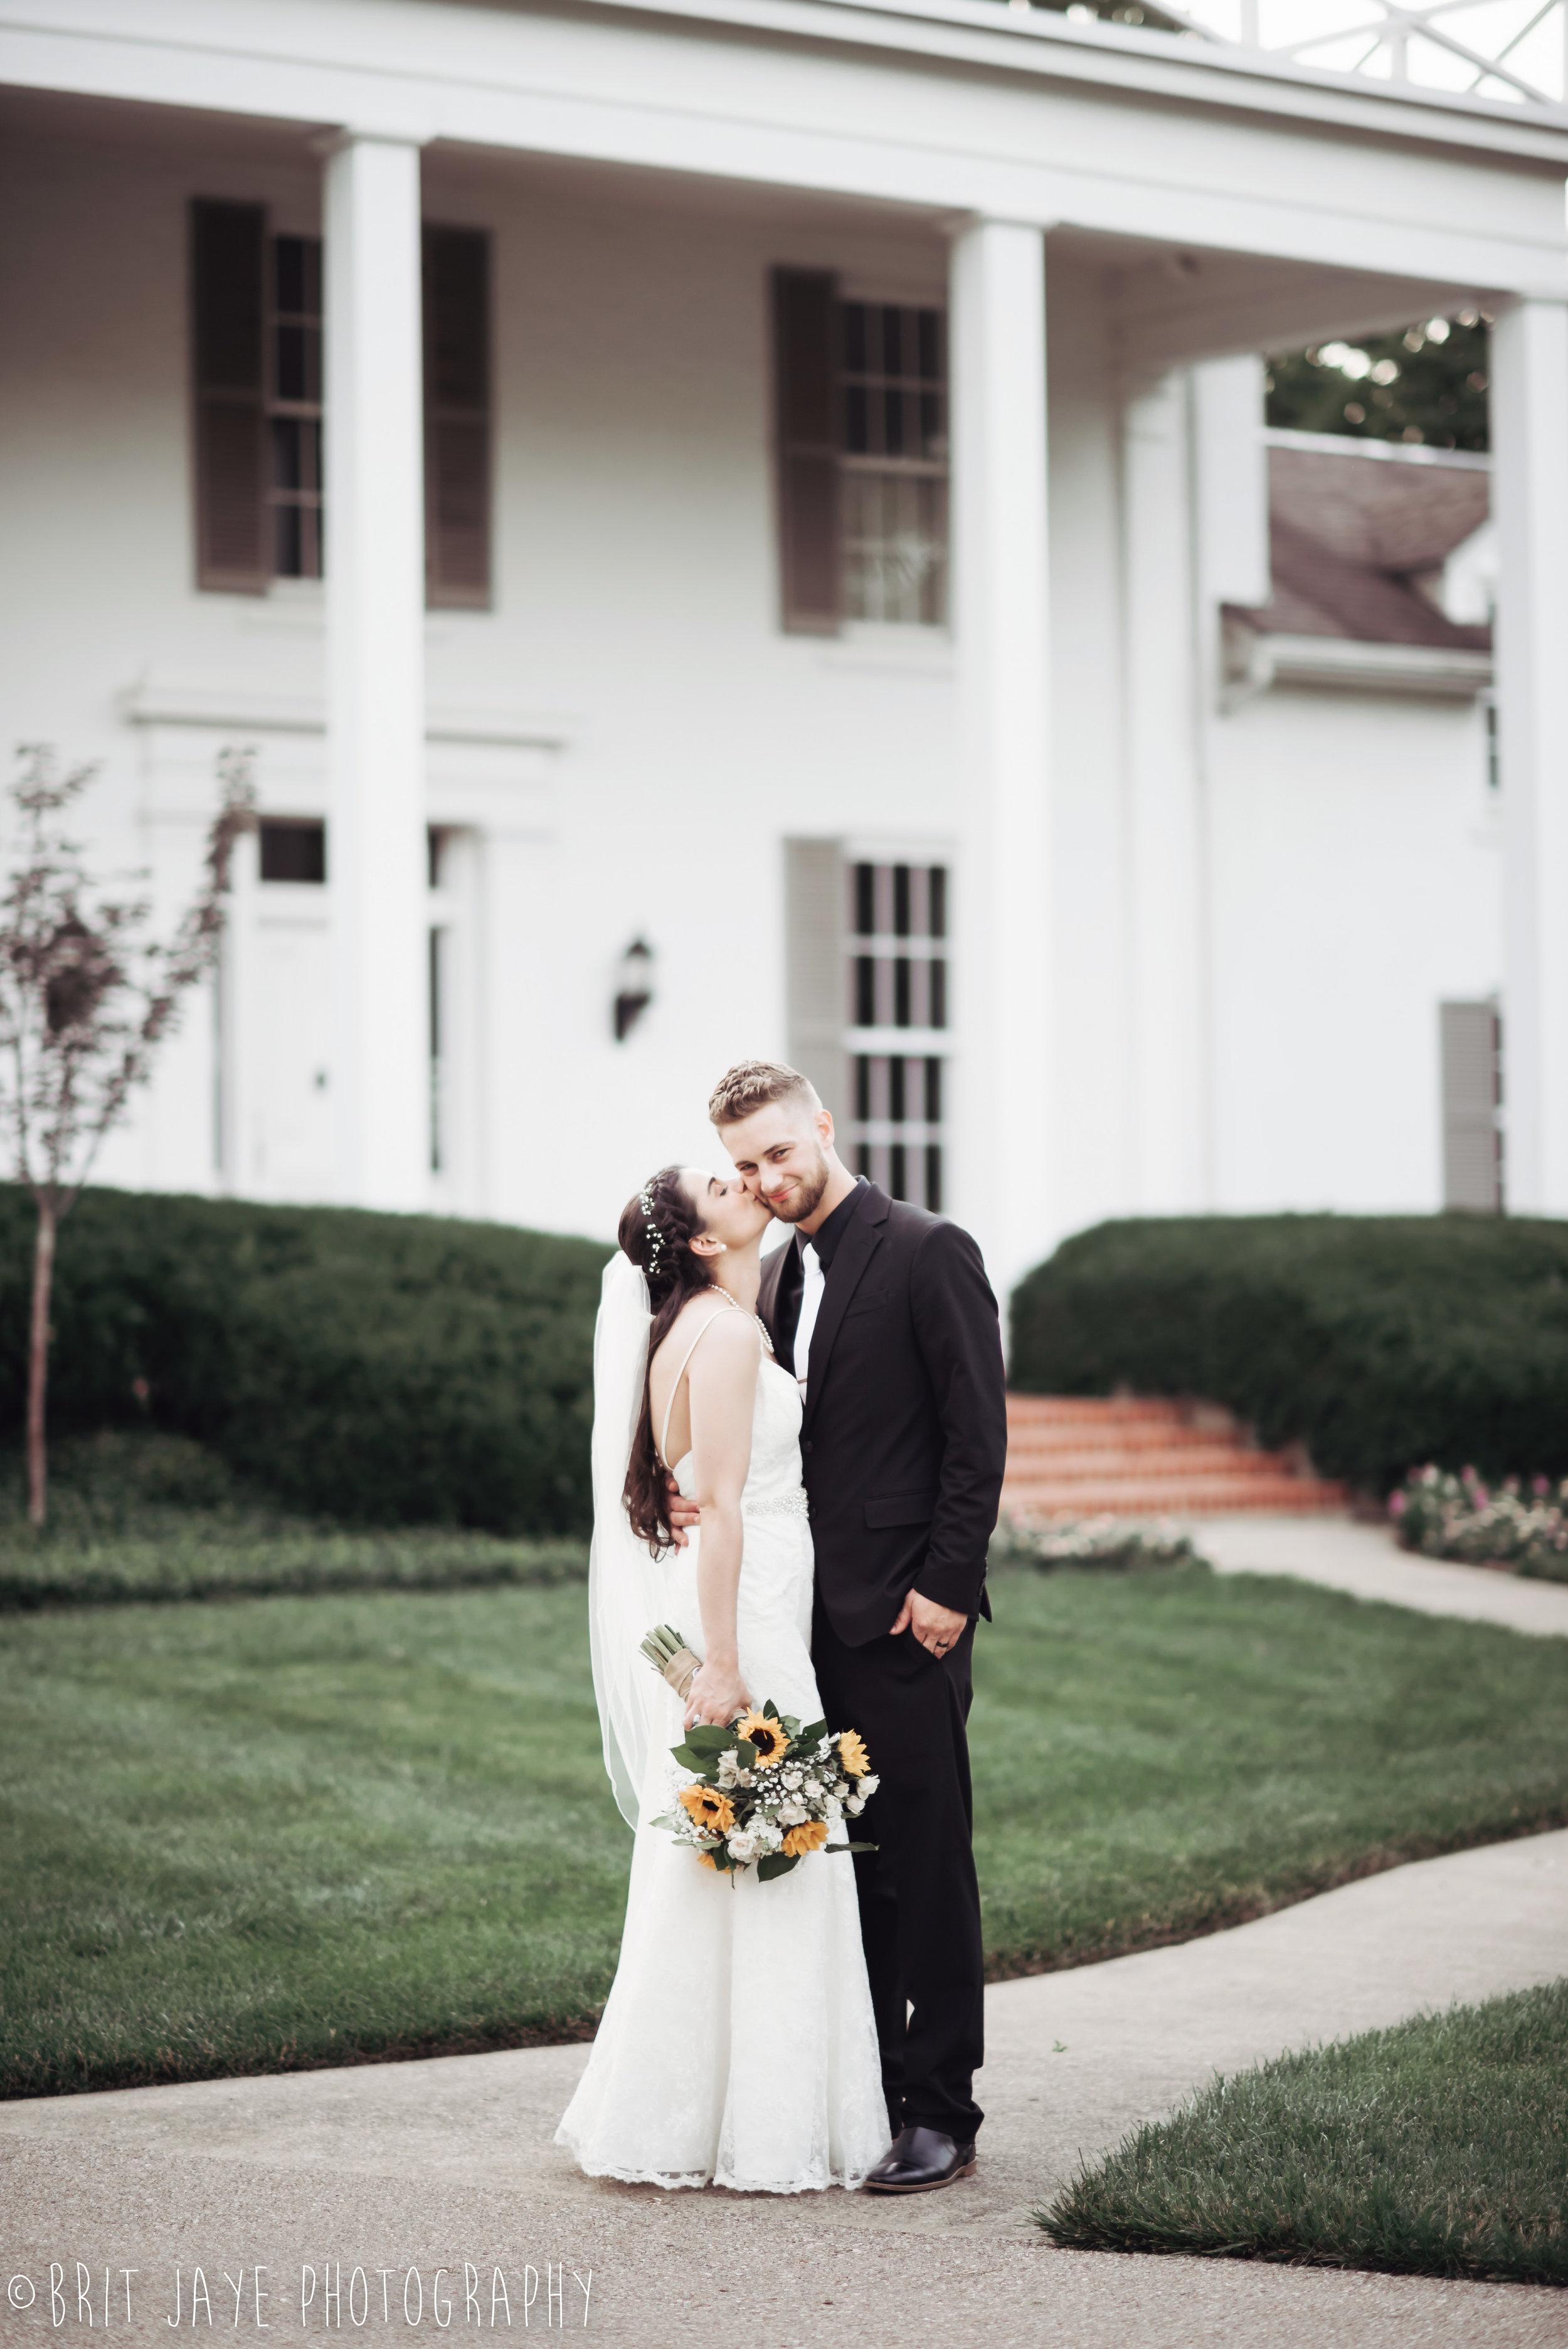 Polen_Farm_Summer_Wedding_Dayton_Ohio-1-9.jpg